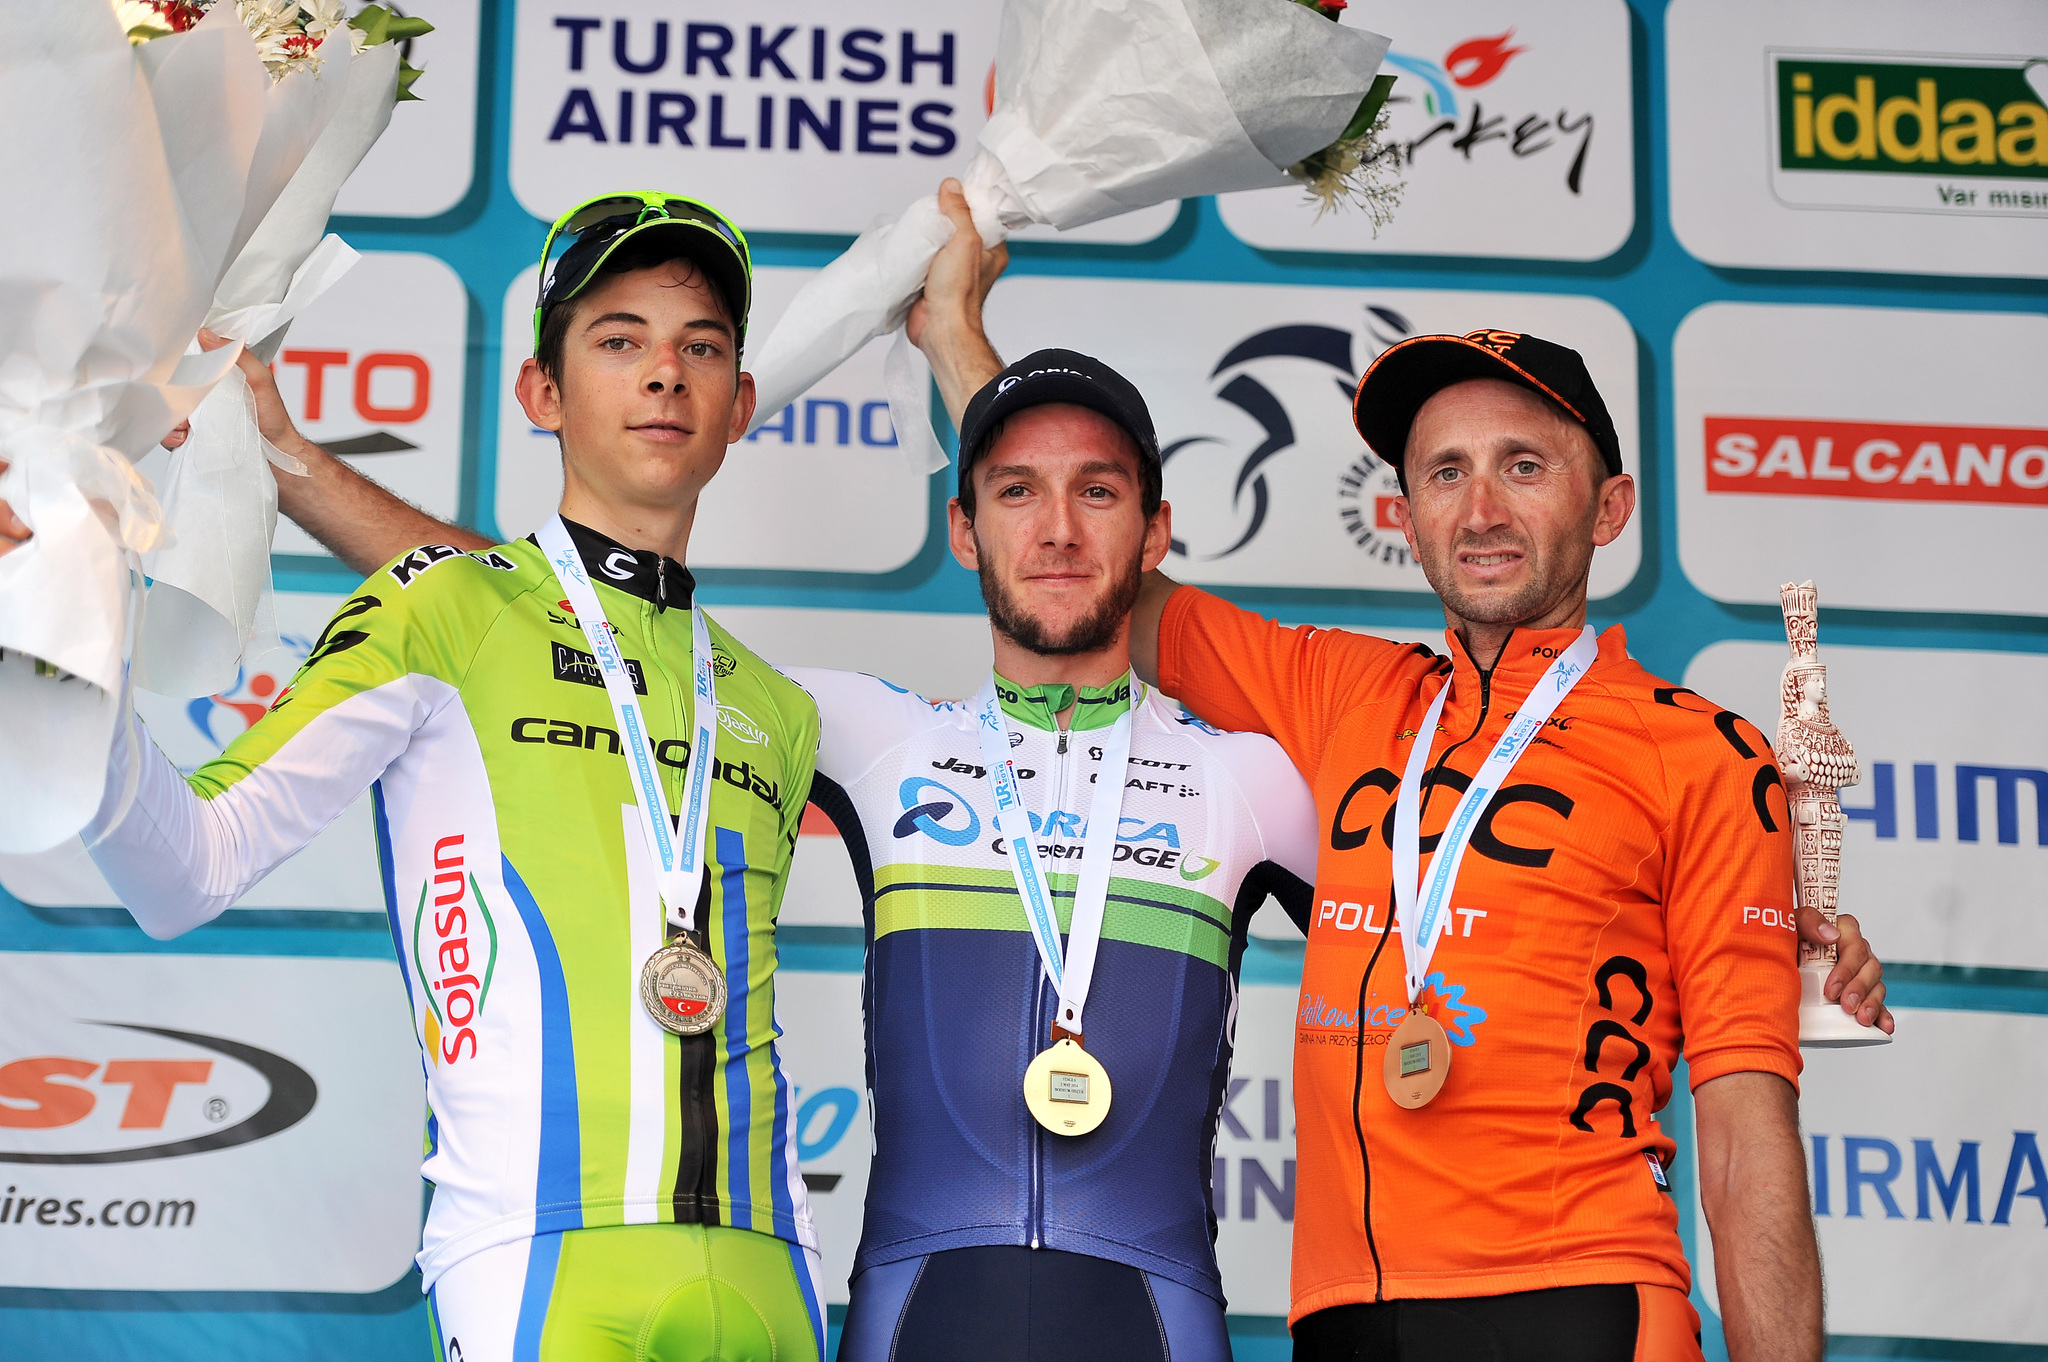 Podium v.l.n.r. - (2.) Davide FORMOLO ( ITA / Cannondale ) - (1.) Adam YATES ( GBR / Orica GreenEDGE ) - (3.) Davide <HIT>REBELLIN</HIT> ( ITA / CCC Polsat ) - Siegerehrung - Jubel - Freude - Emotionen - Querformat - quer - horizontal - Event/Veranstaltung: Tour of Turkey 2014 - Stage 6/6.Etappe: Bodrum nach Selcuk 183.0 km - Location/Ort: Turkey - Türkei - Asien - Asia - Date/Datum: 02.05.2014